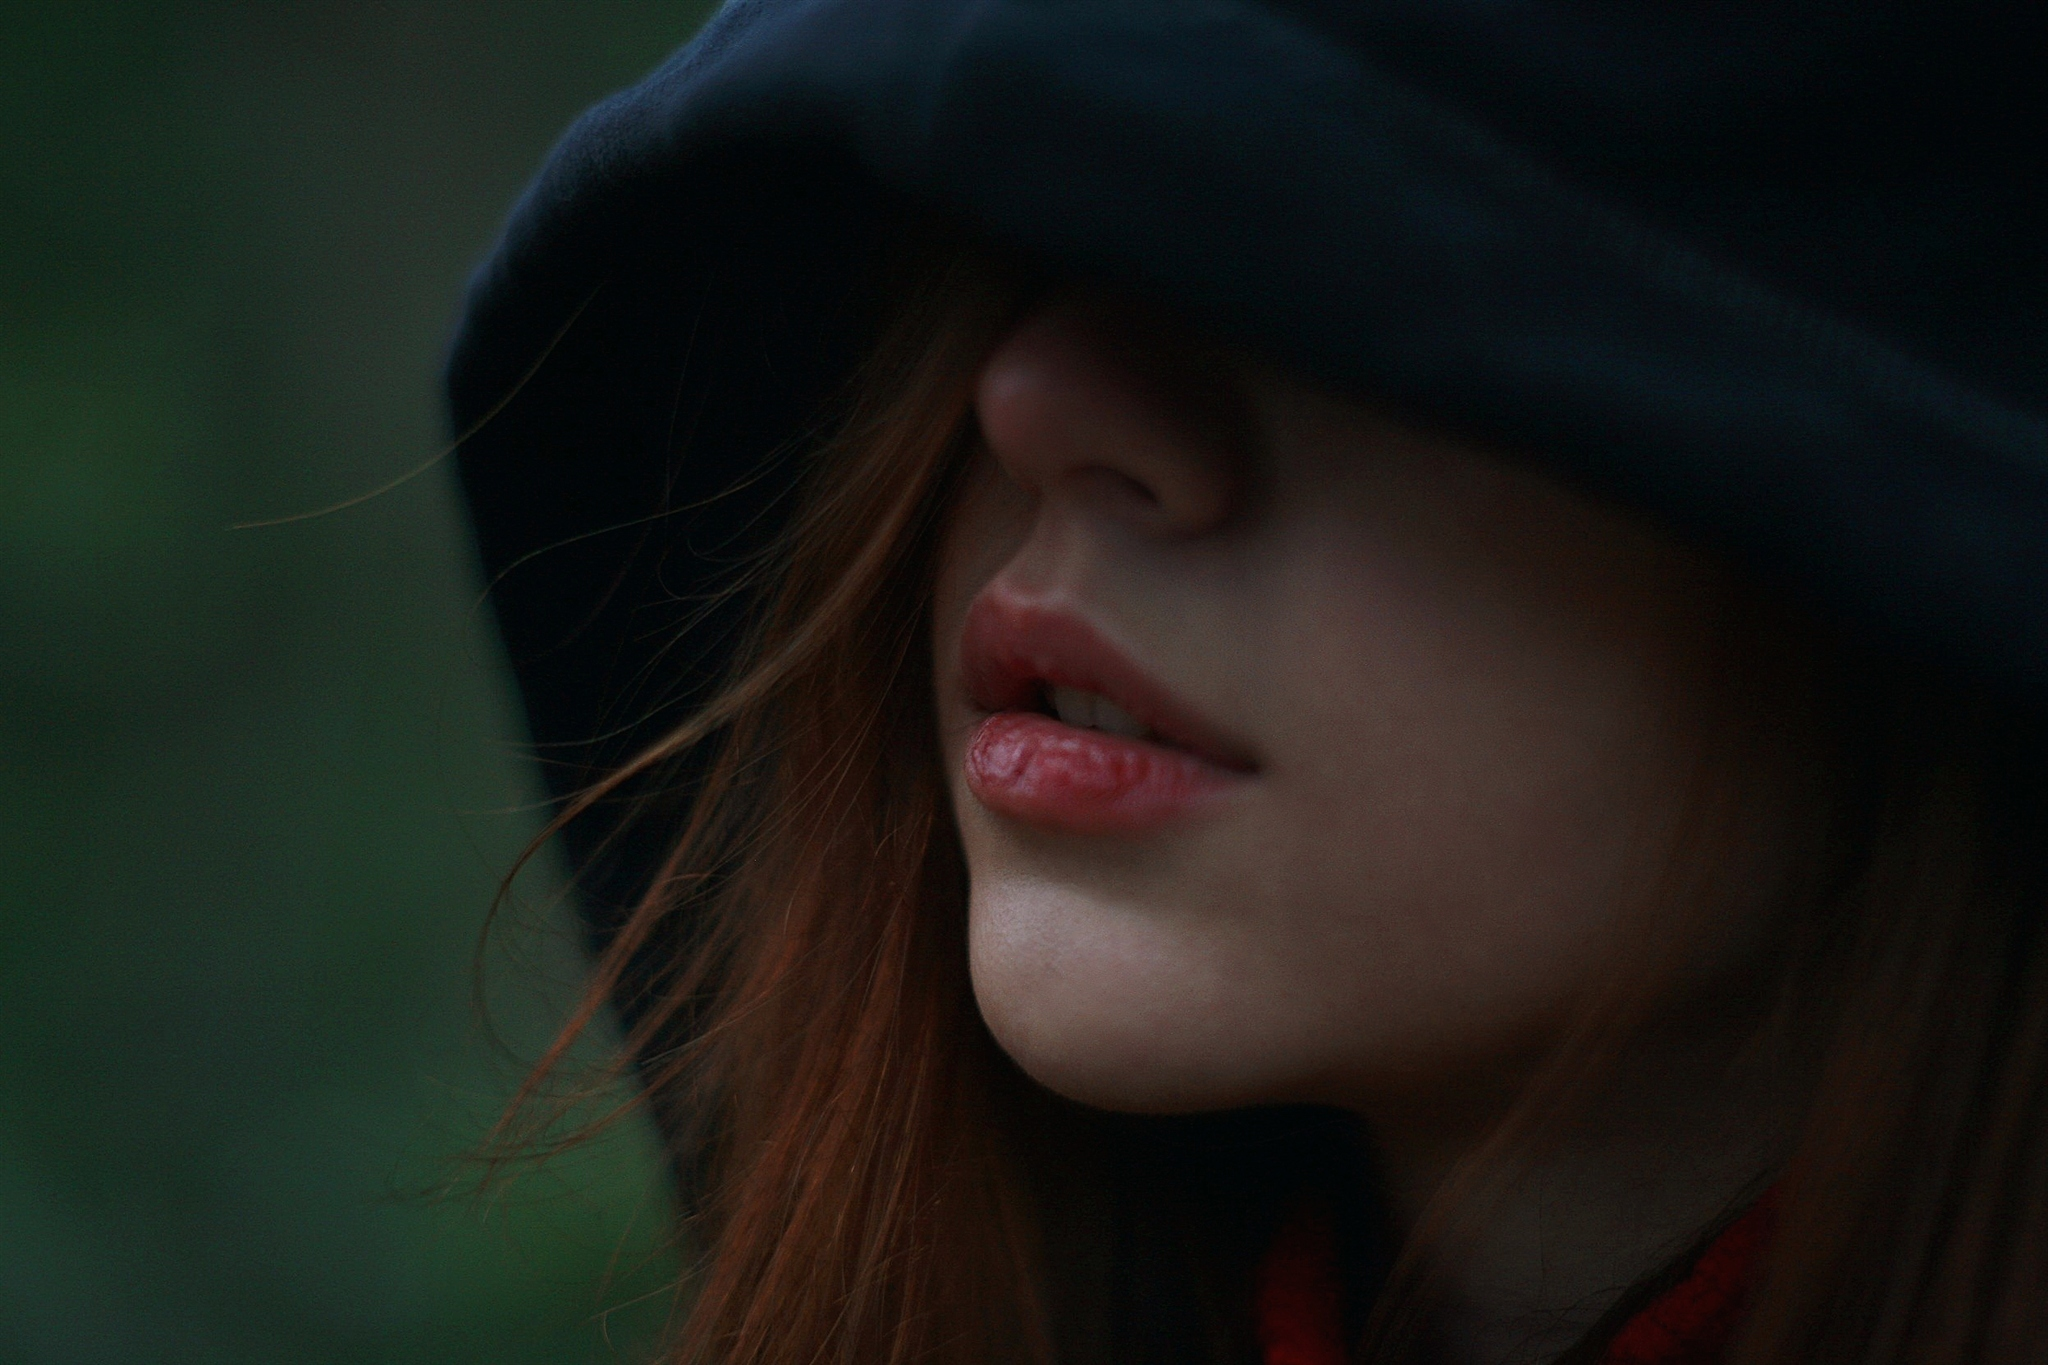 опасны картинки девочек в капюшоне без лица тушенка недорого розницу